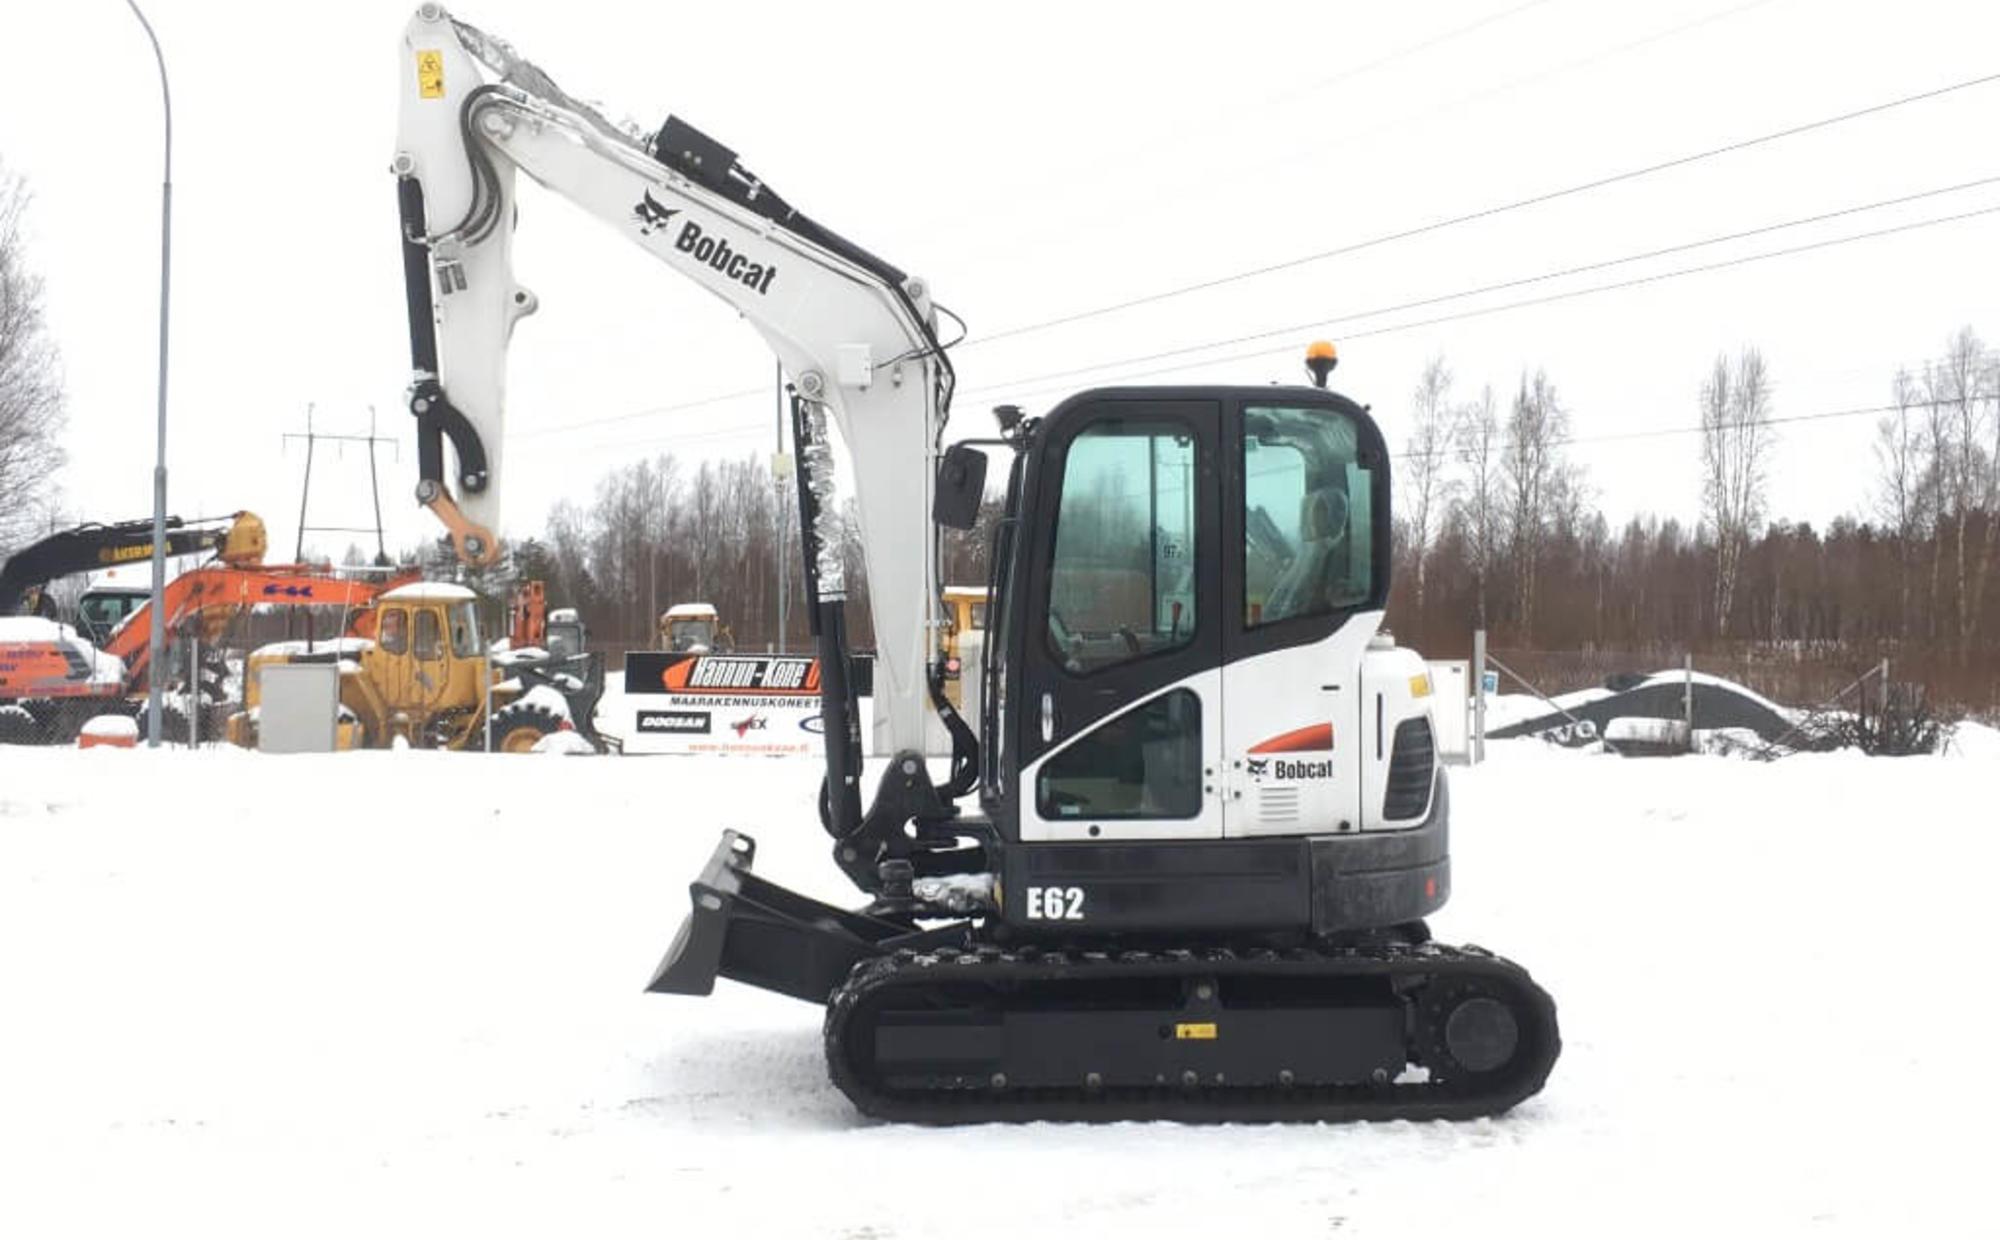 Аренда мини-экскаватора Bobcat E62